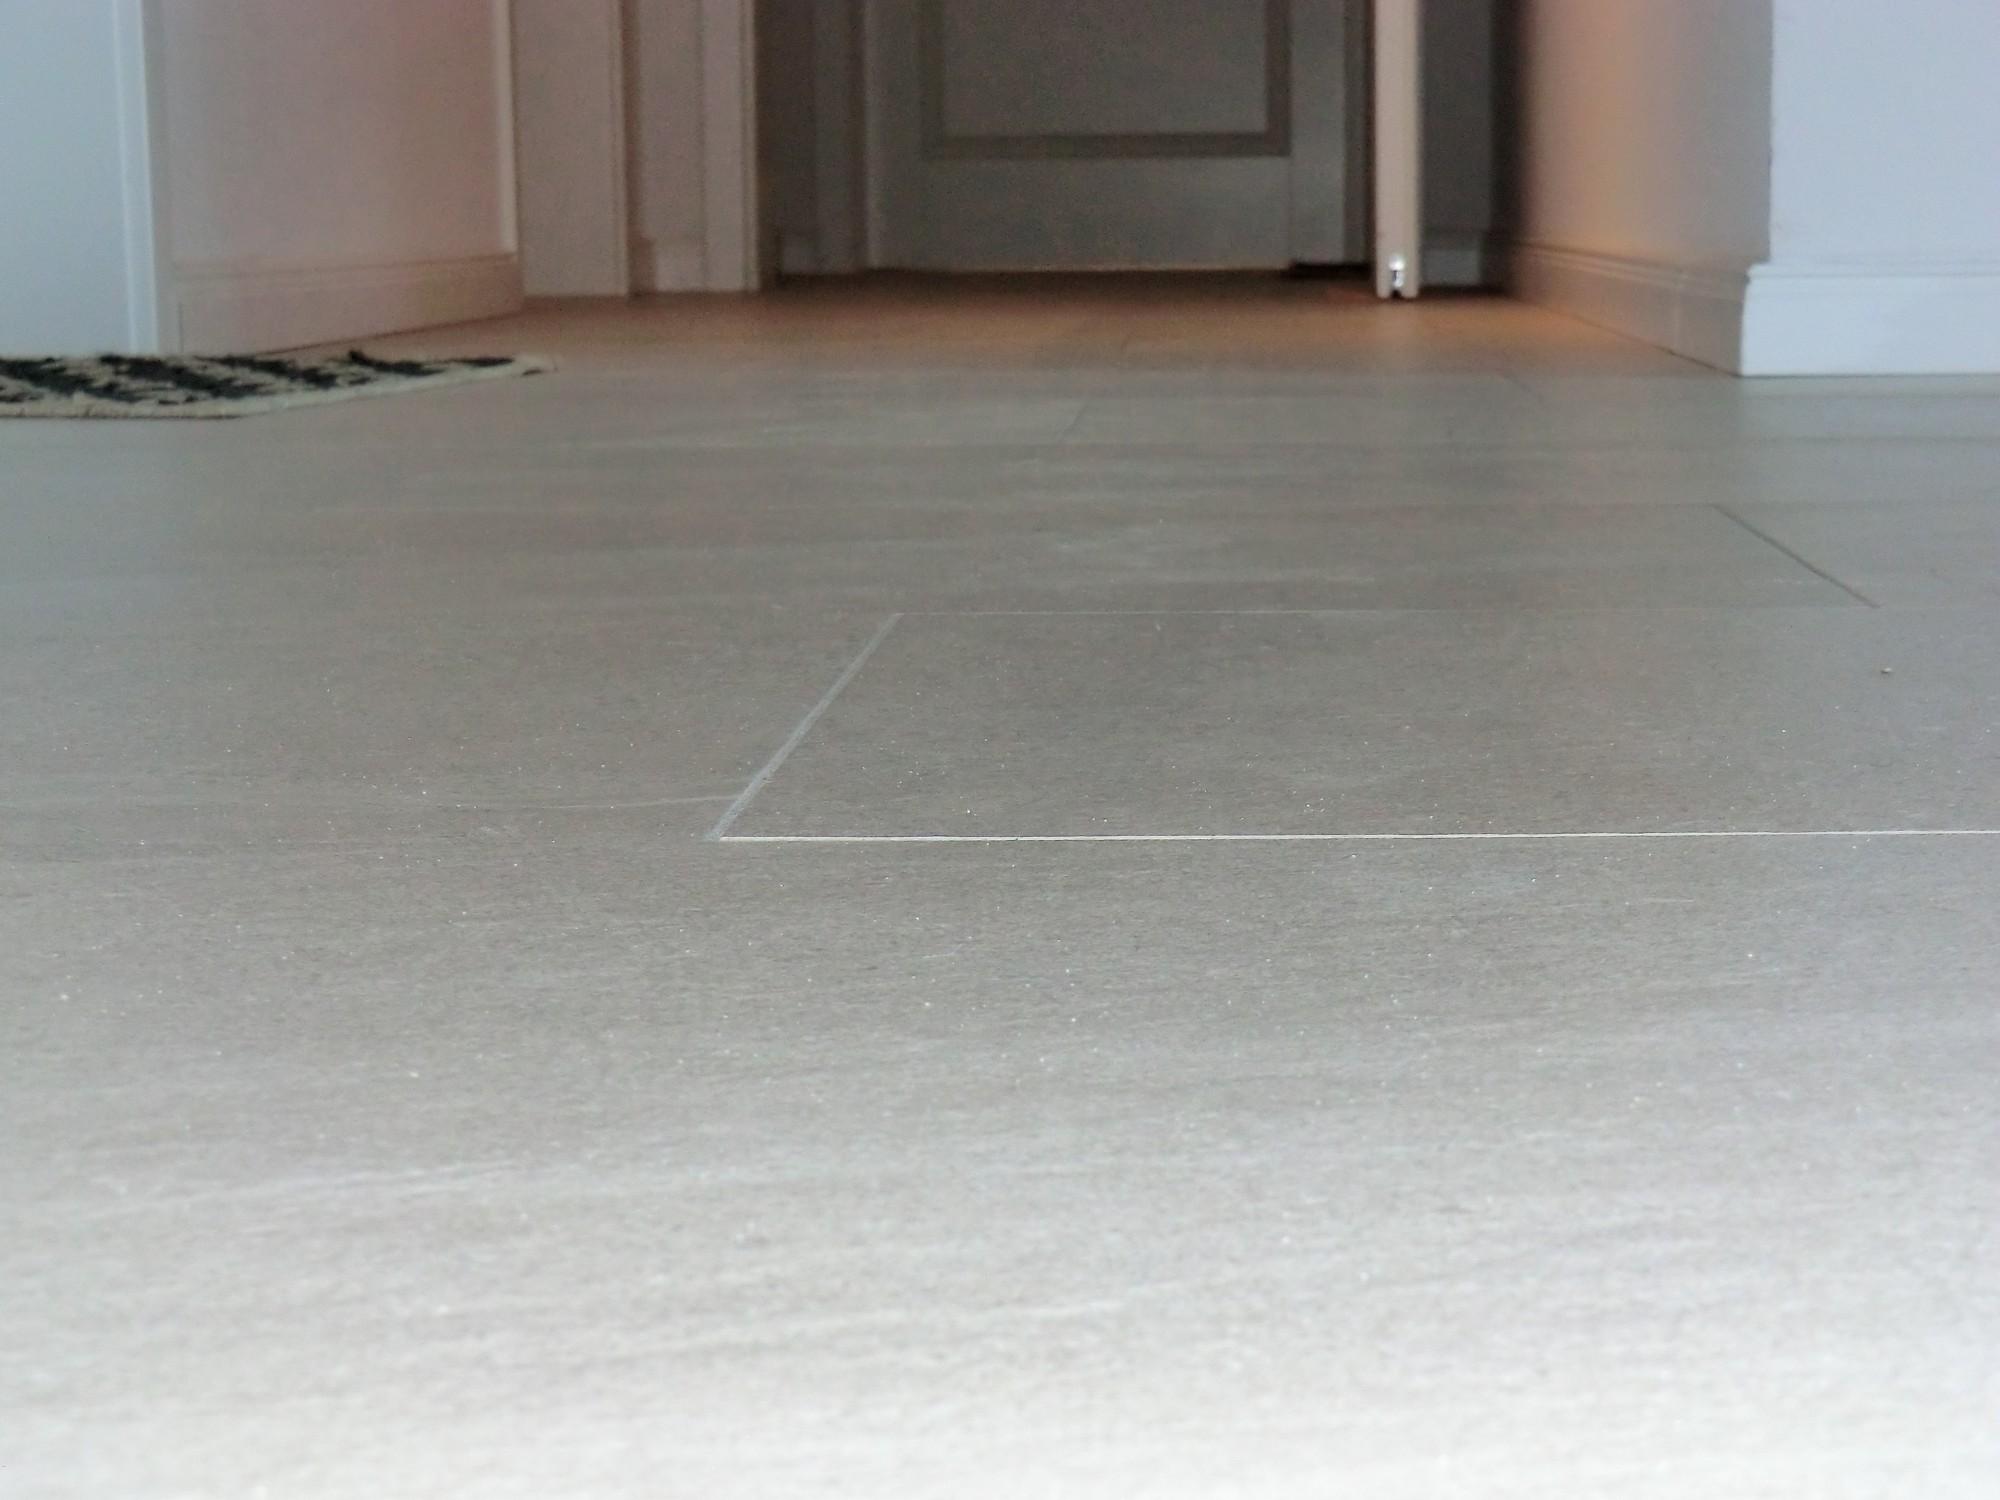 Fußboden Zu Kalt ~ Geeigneter bodenbelag bei fußbodenheizung fliesen als erste wahl